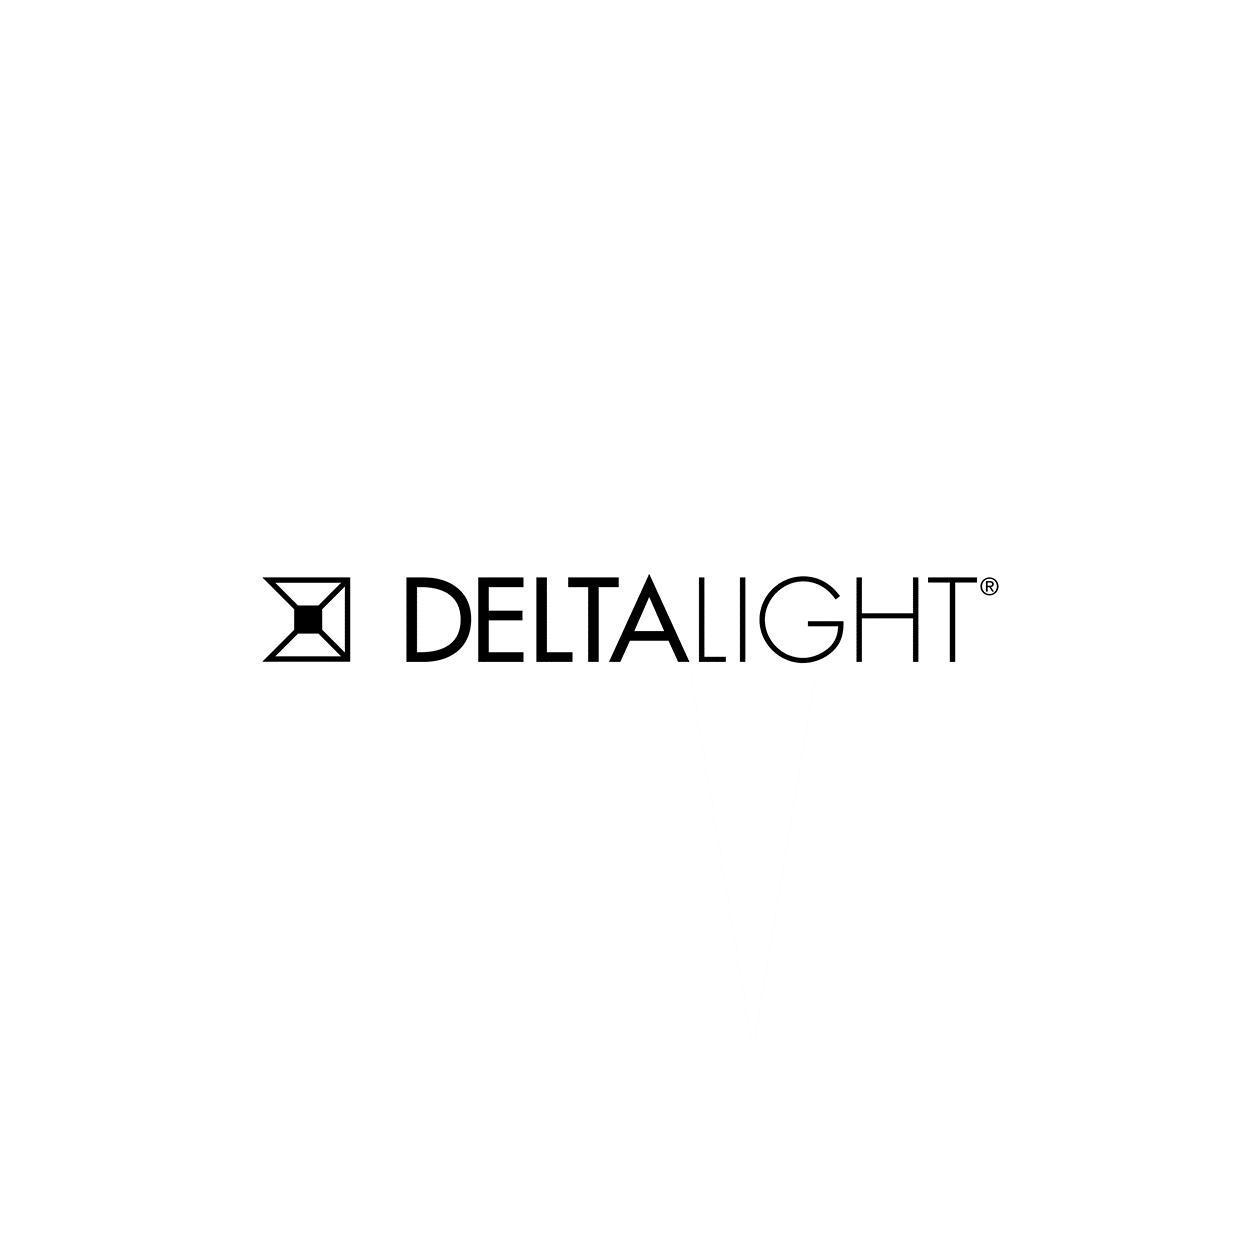 deltalight - Objekte Licht & Raum GmbH in Hamburg